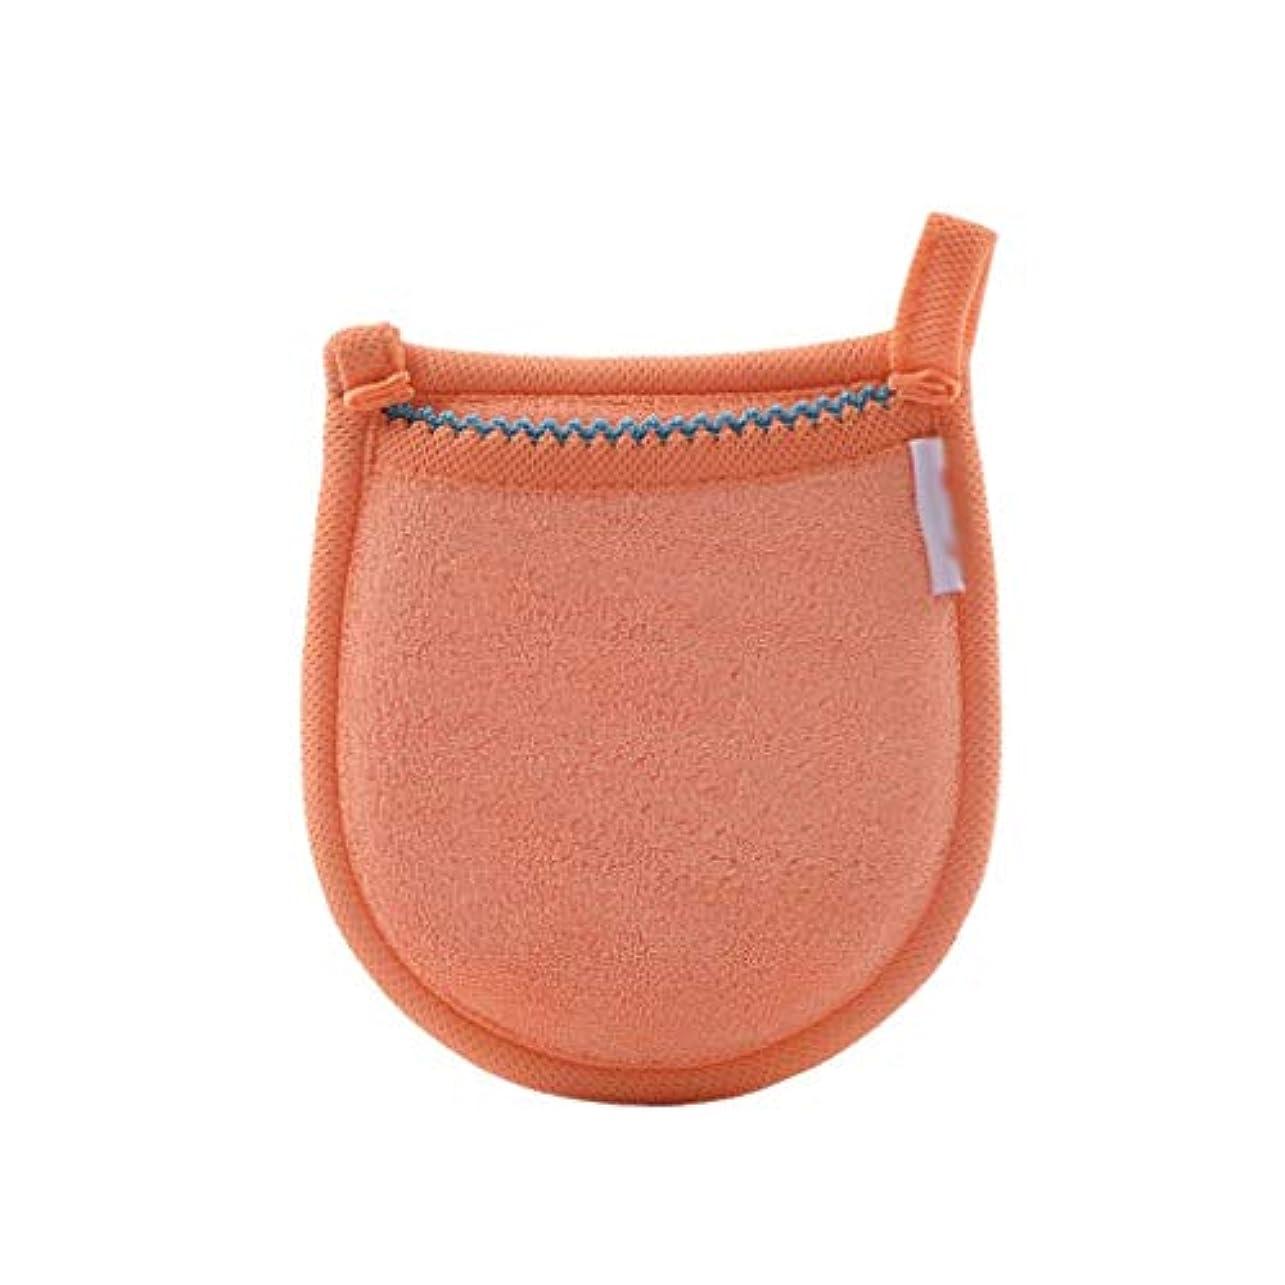 製造衰える息切れ1ピースフェイシャル竹炭スポンジフェイスメイク落とし美容再利用可能なフェイスタオルクリーニンググローブ洗濯メイクアップツール (Color : Orange)